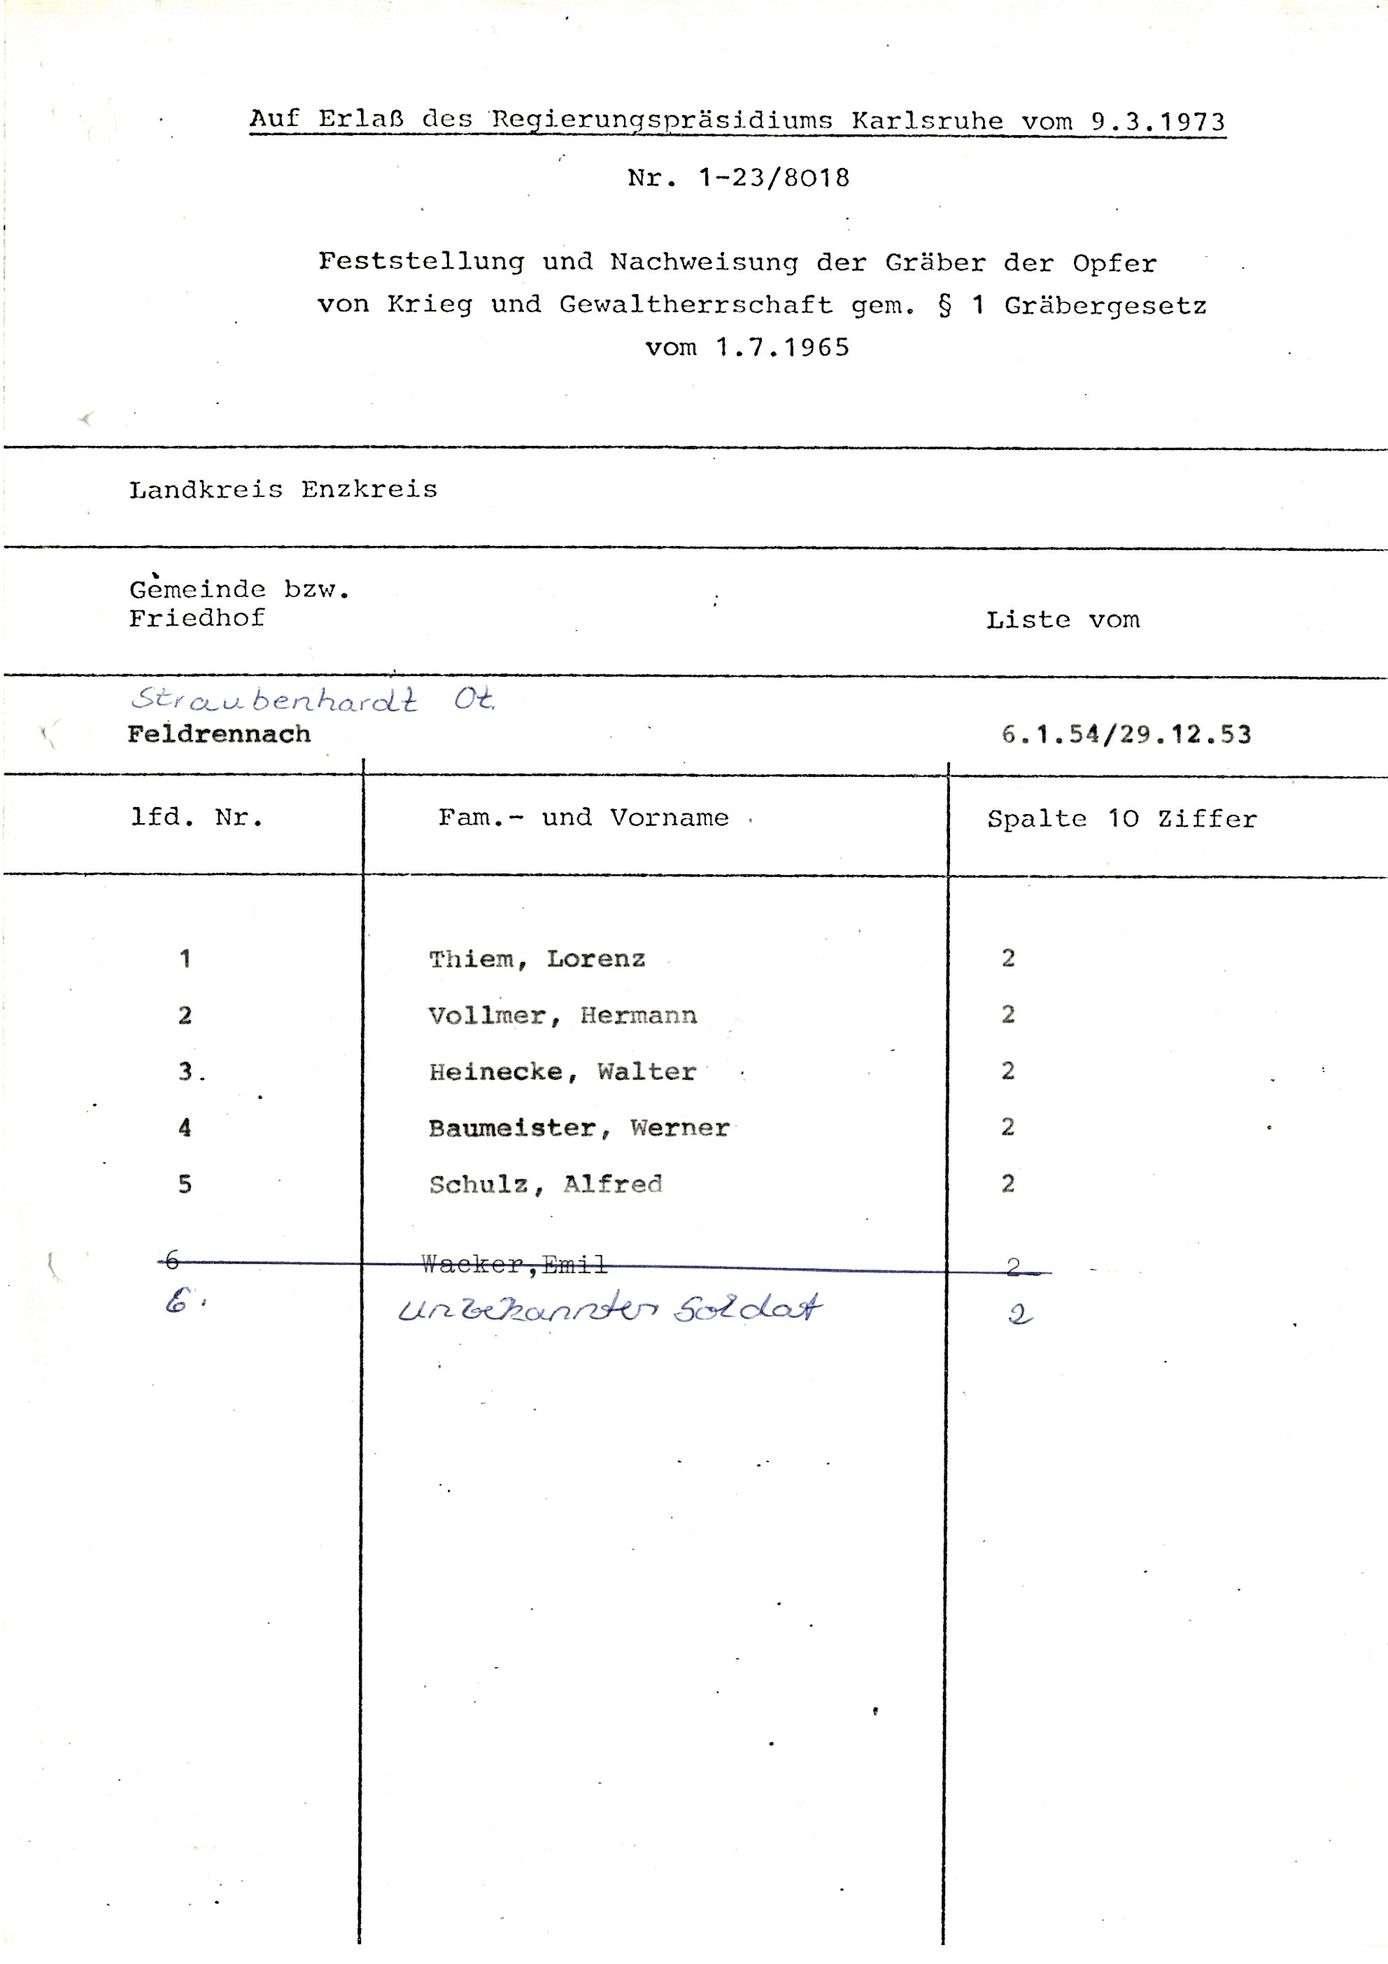 Feldrennach-Pfinzweiler, Bild 3